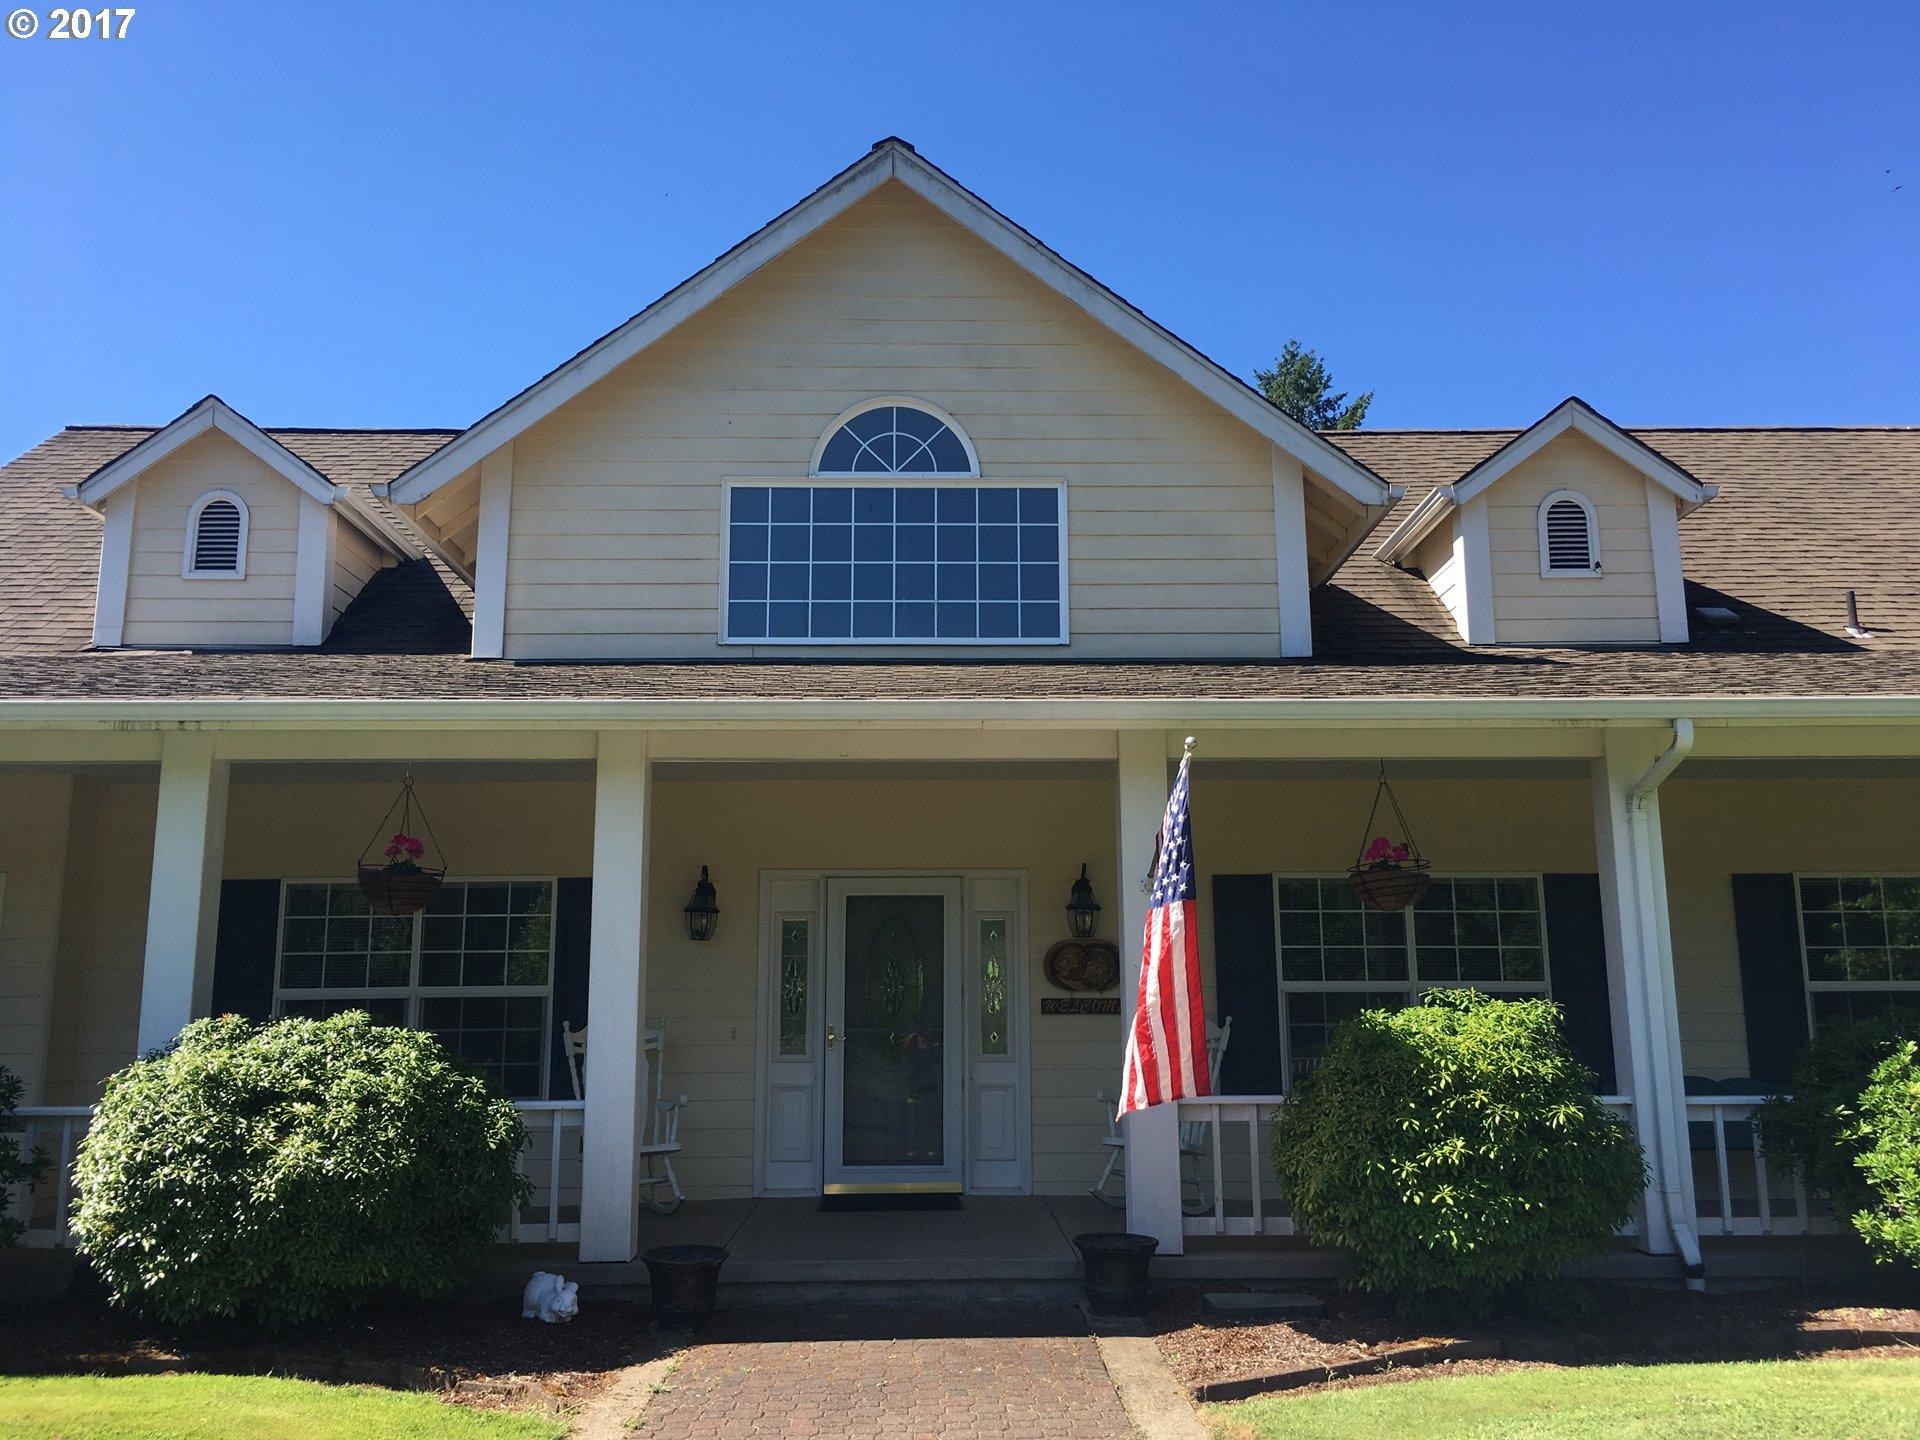 43794 greenwood village dr eugene oregon real estate